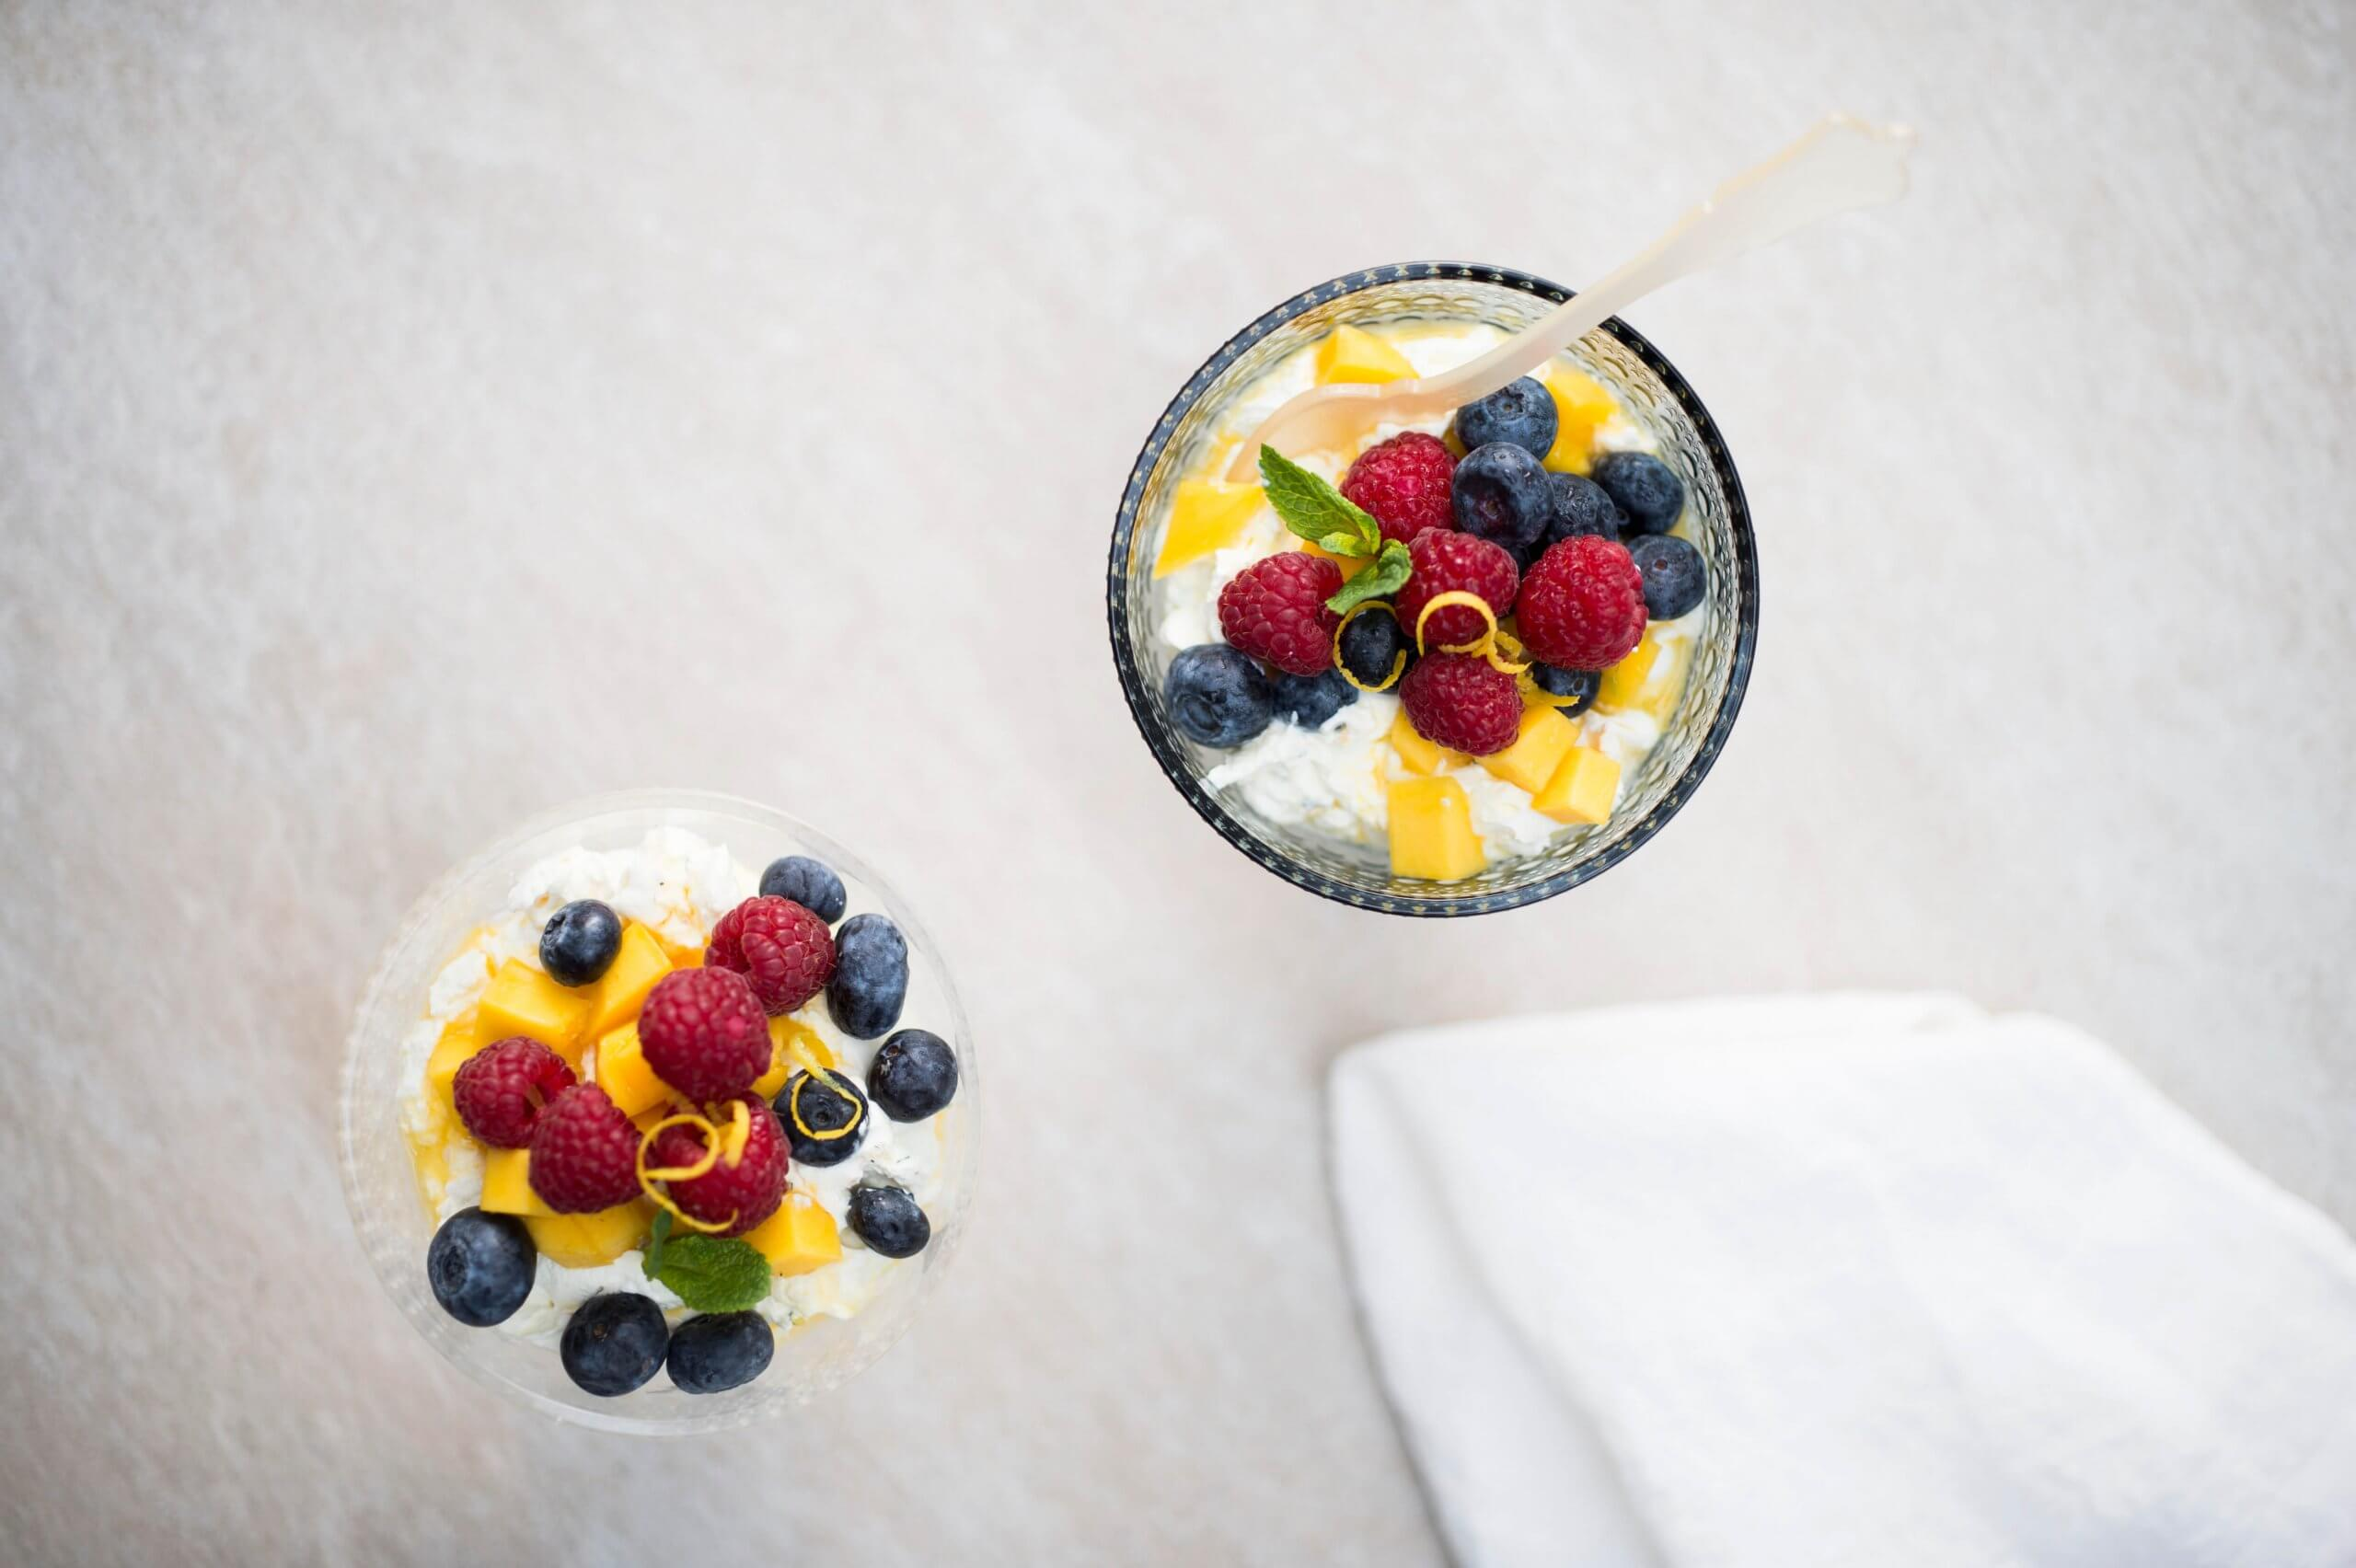 Fruitsalade met citrus-hangop